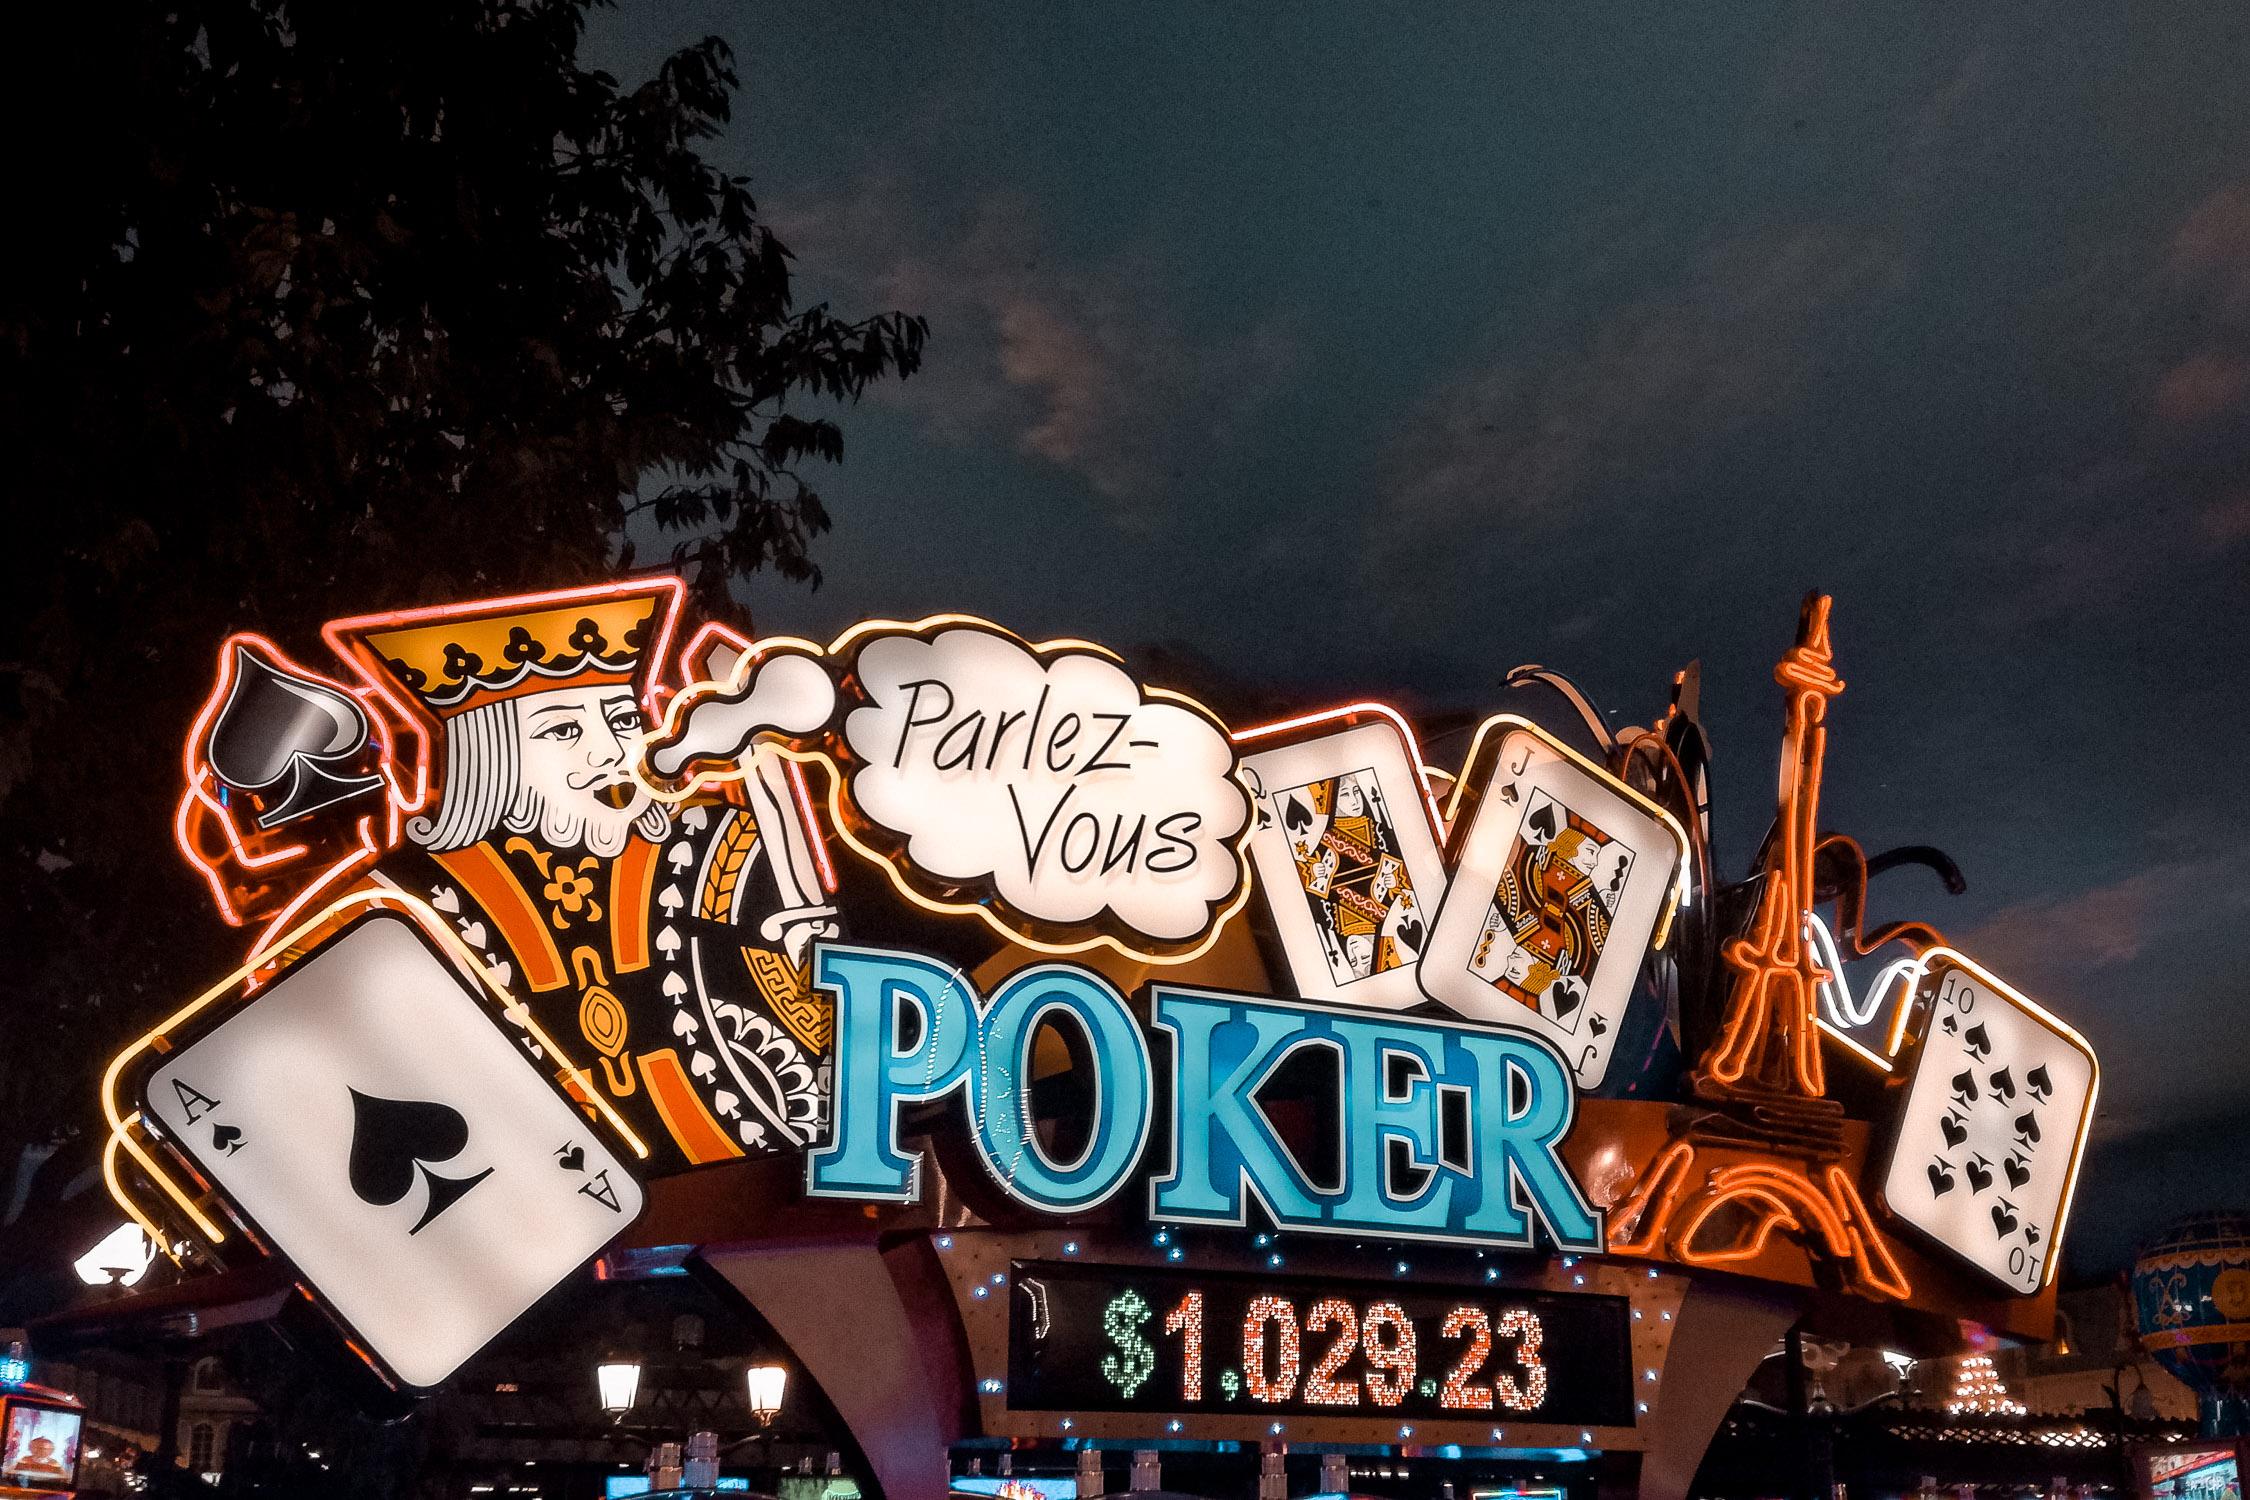 Neon Poker Schild in Las Vegas bei Nacht